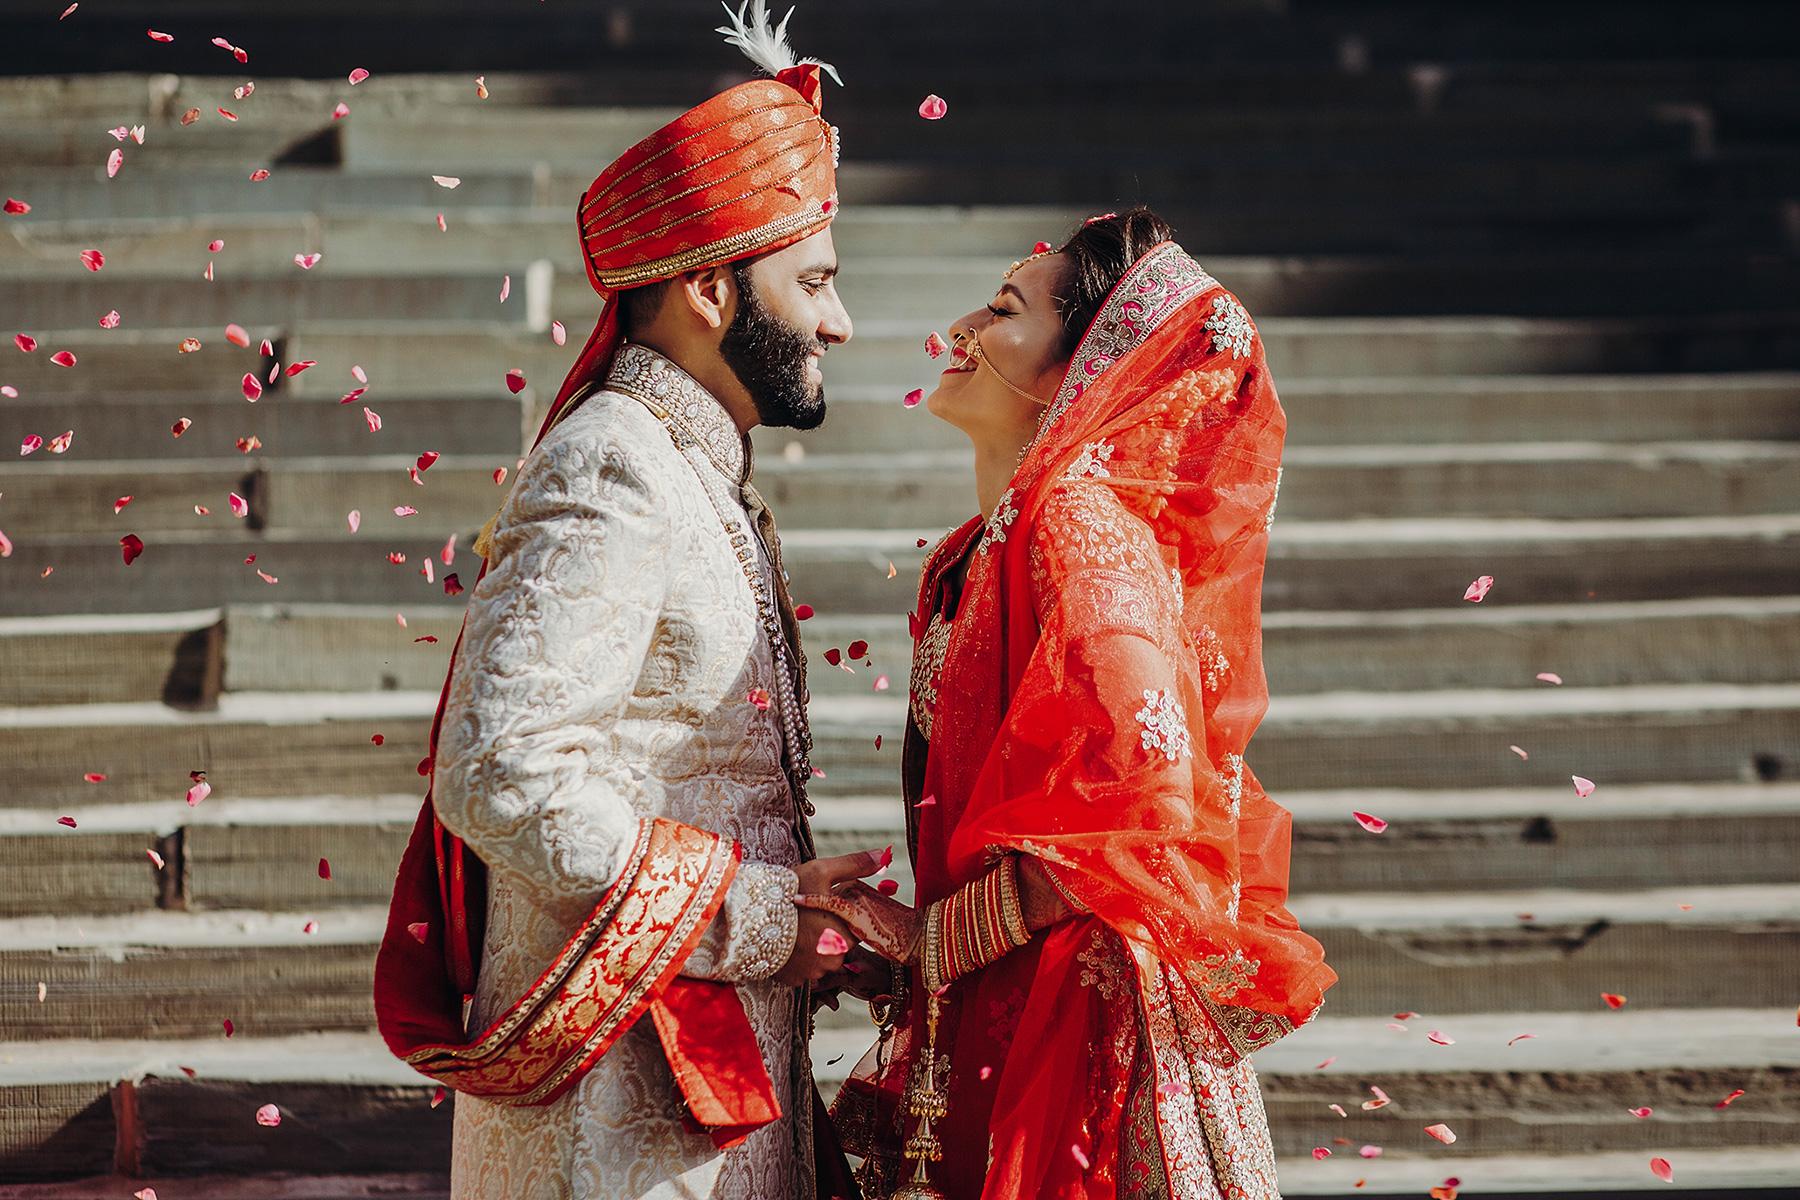 เจ้าบ่าวเจ้าสาวงานแต่งอินเดีย